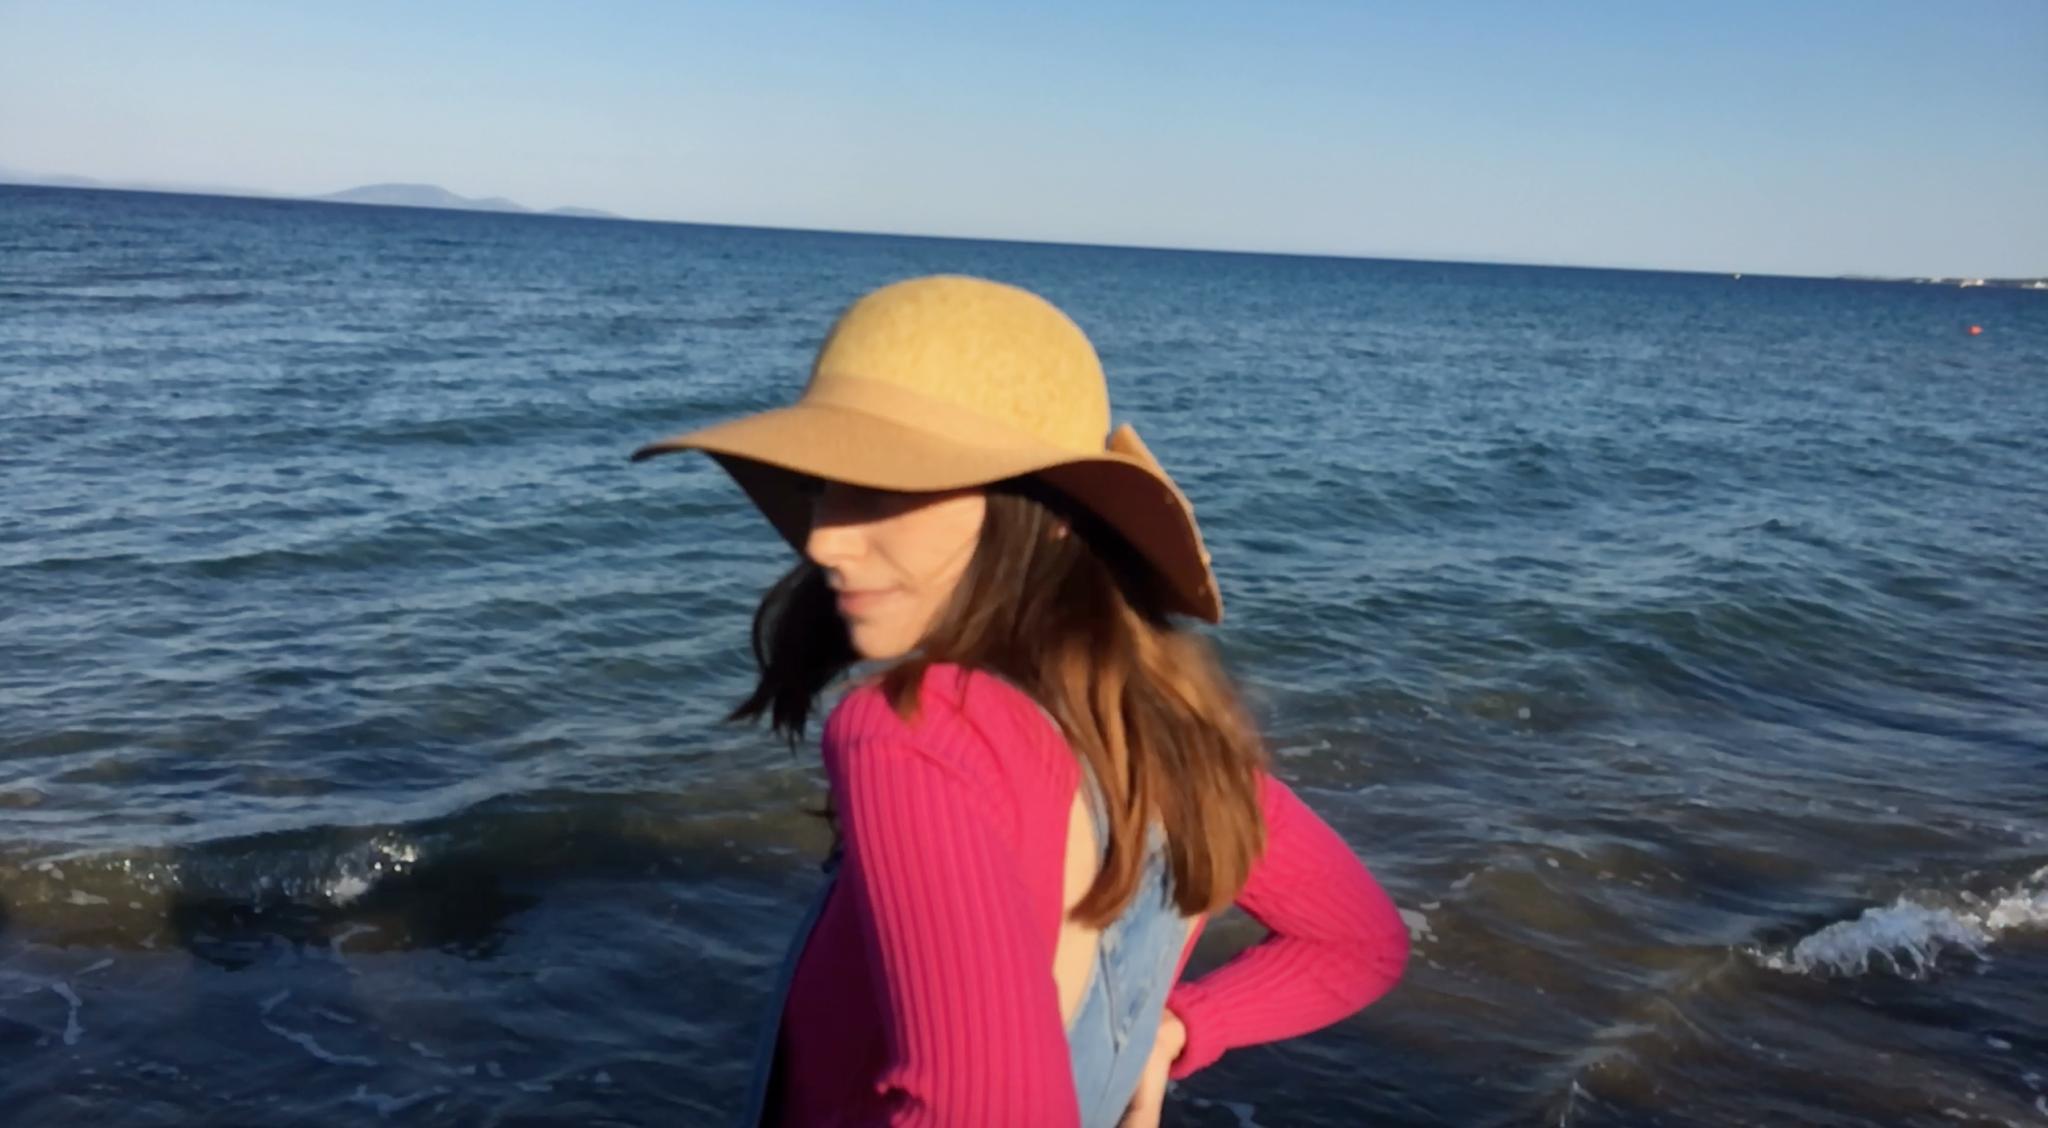 Sarah P. - Summer Prince - Still 1